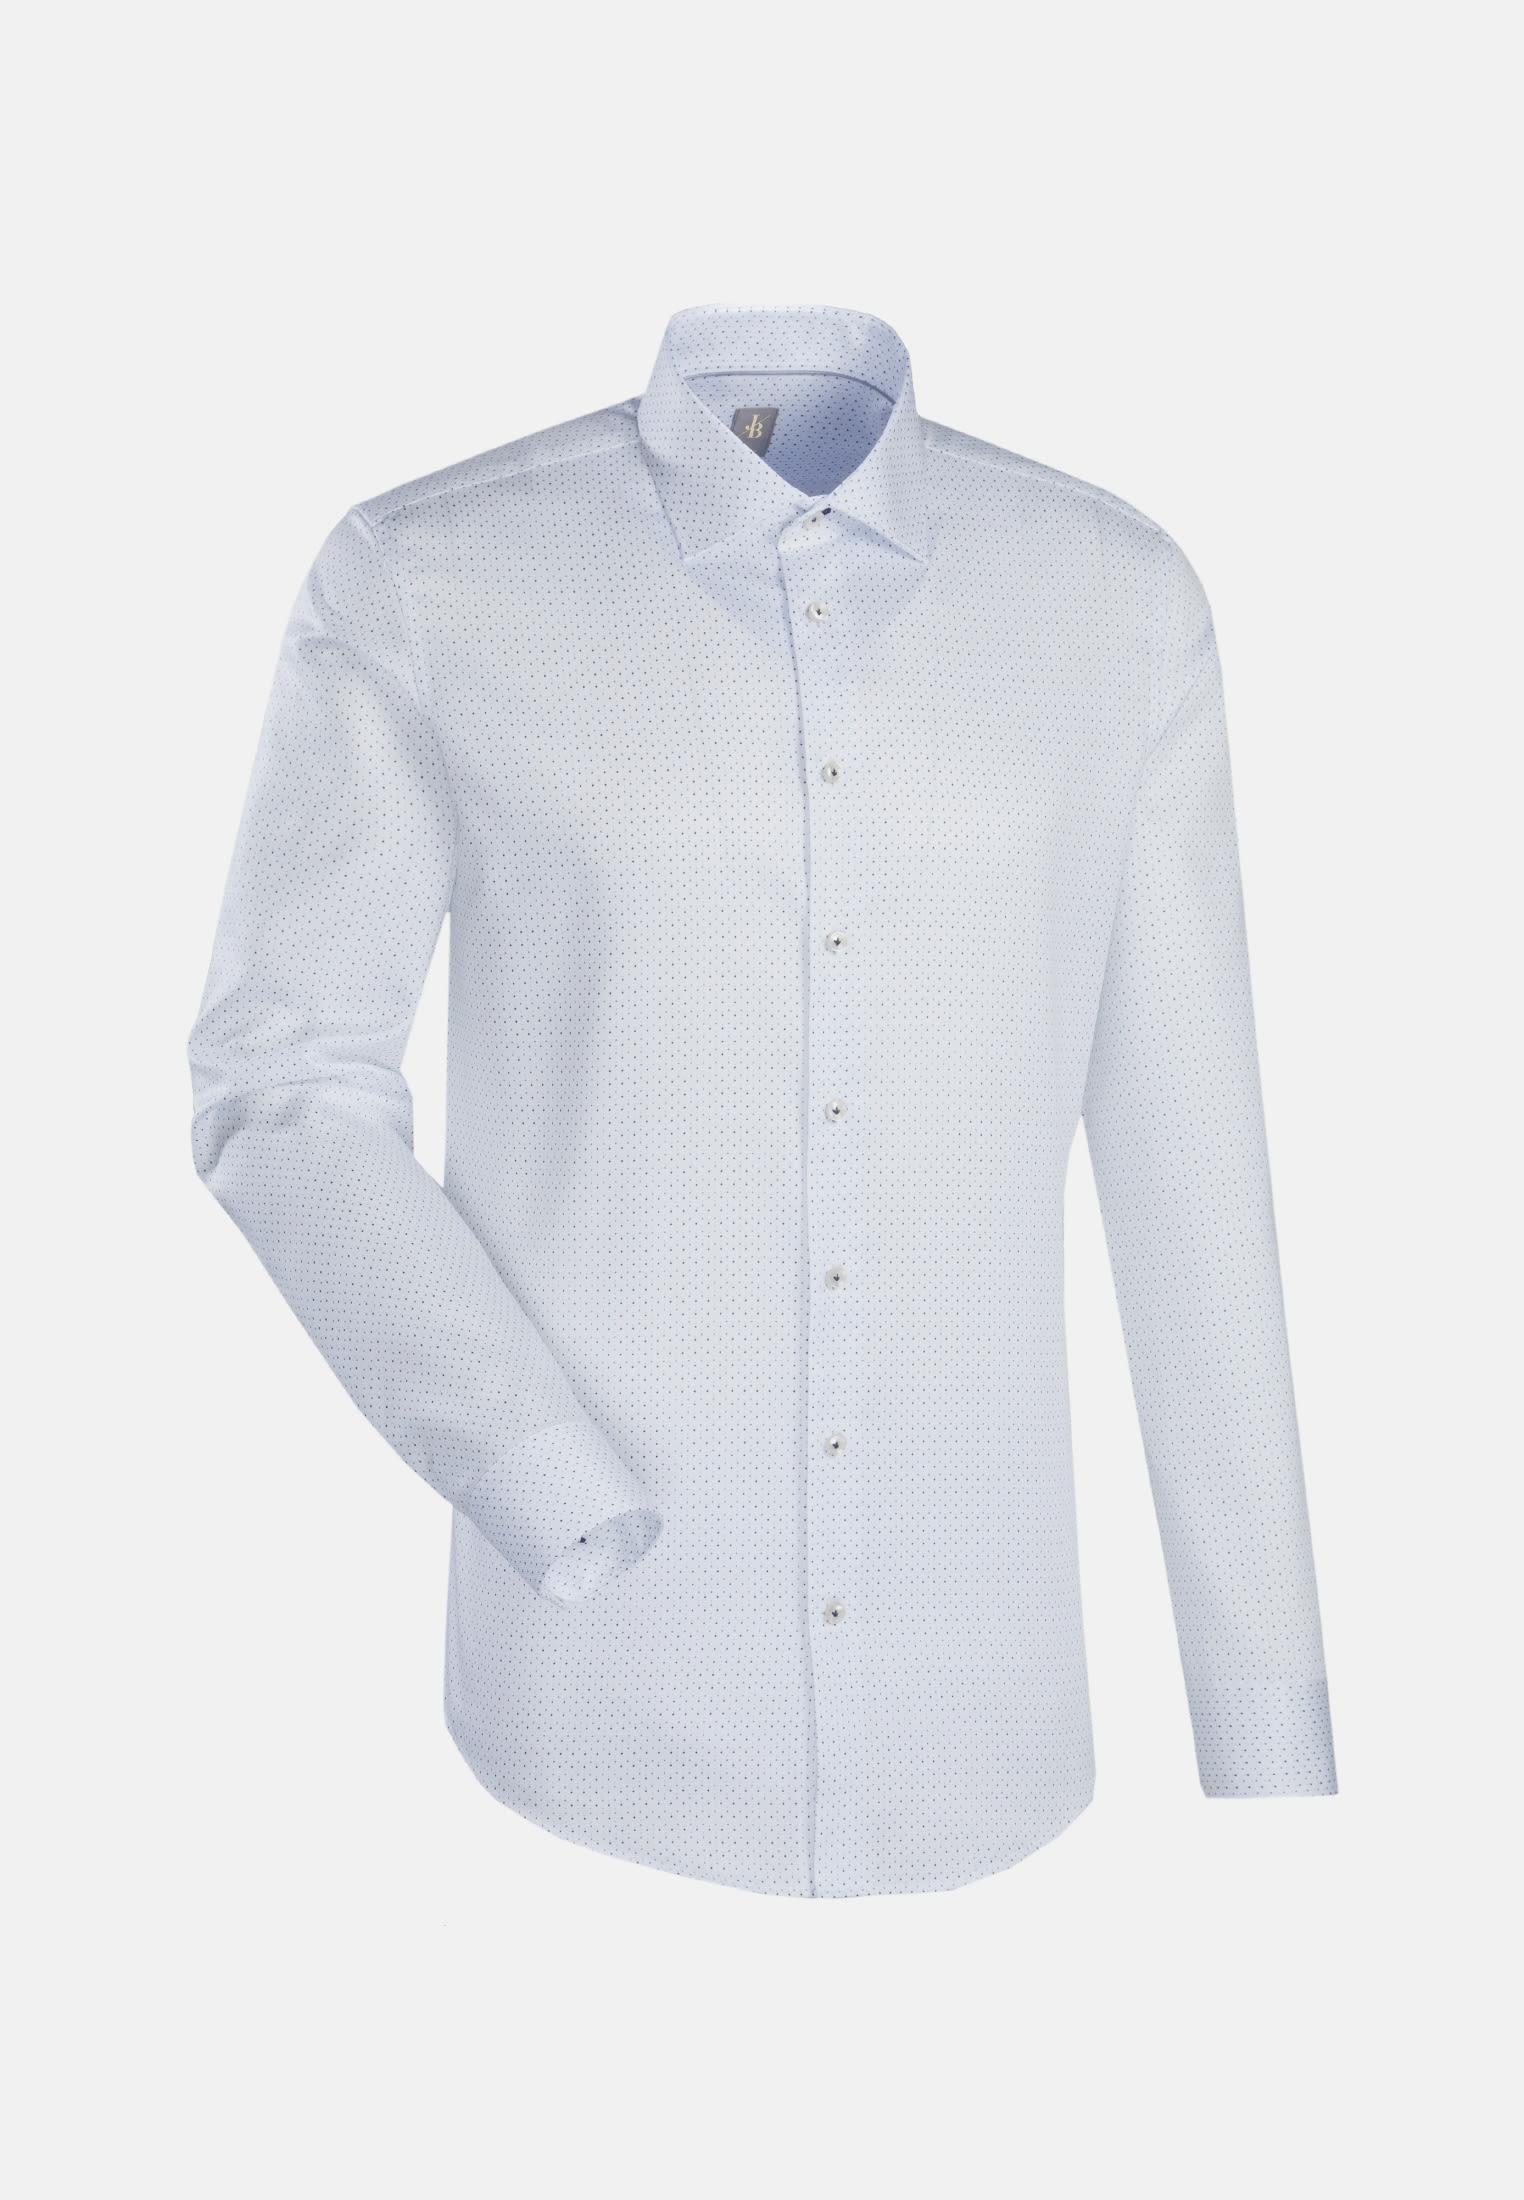 Struktur Business Hemd in Slim Fit mit Kentkragen in Weiß    Jacques Britt Onlineshop